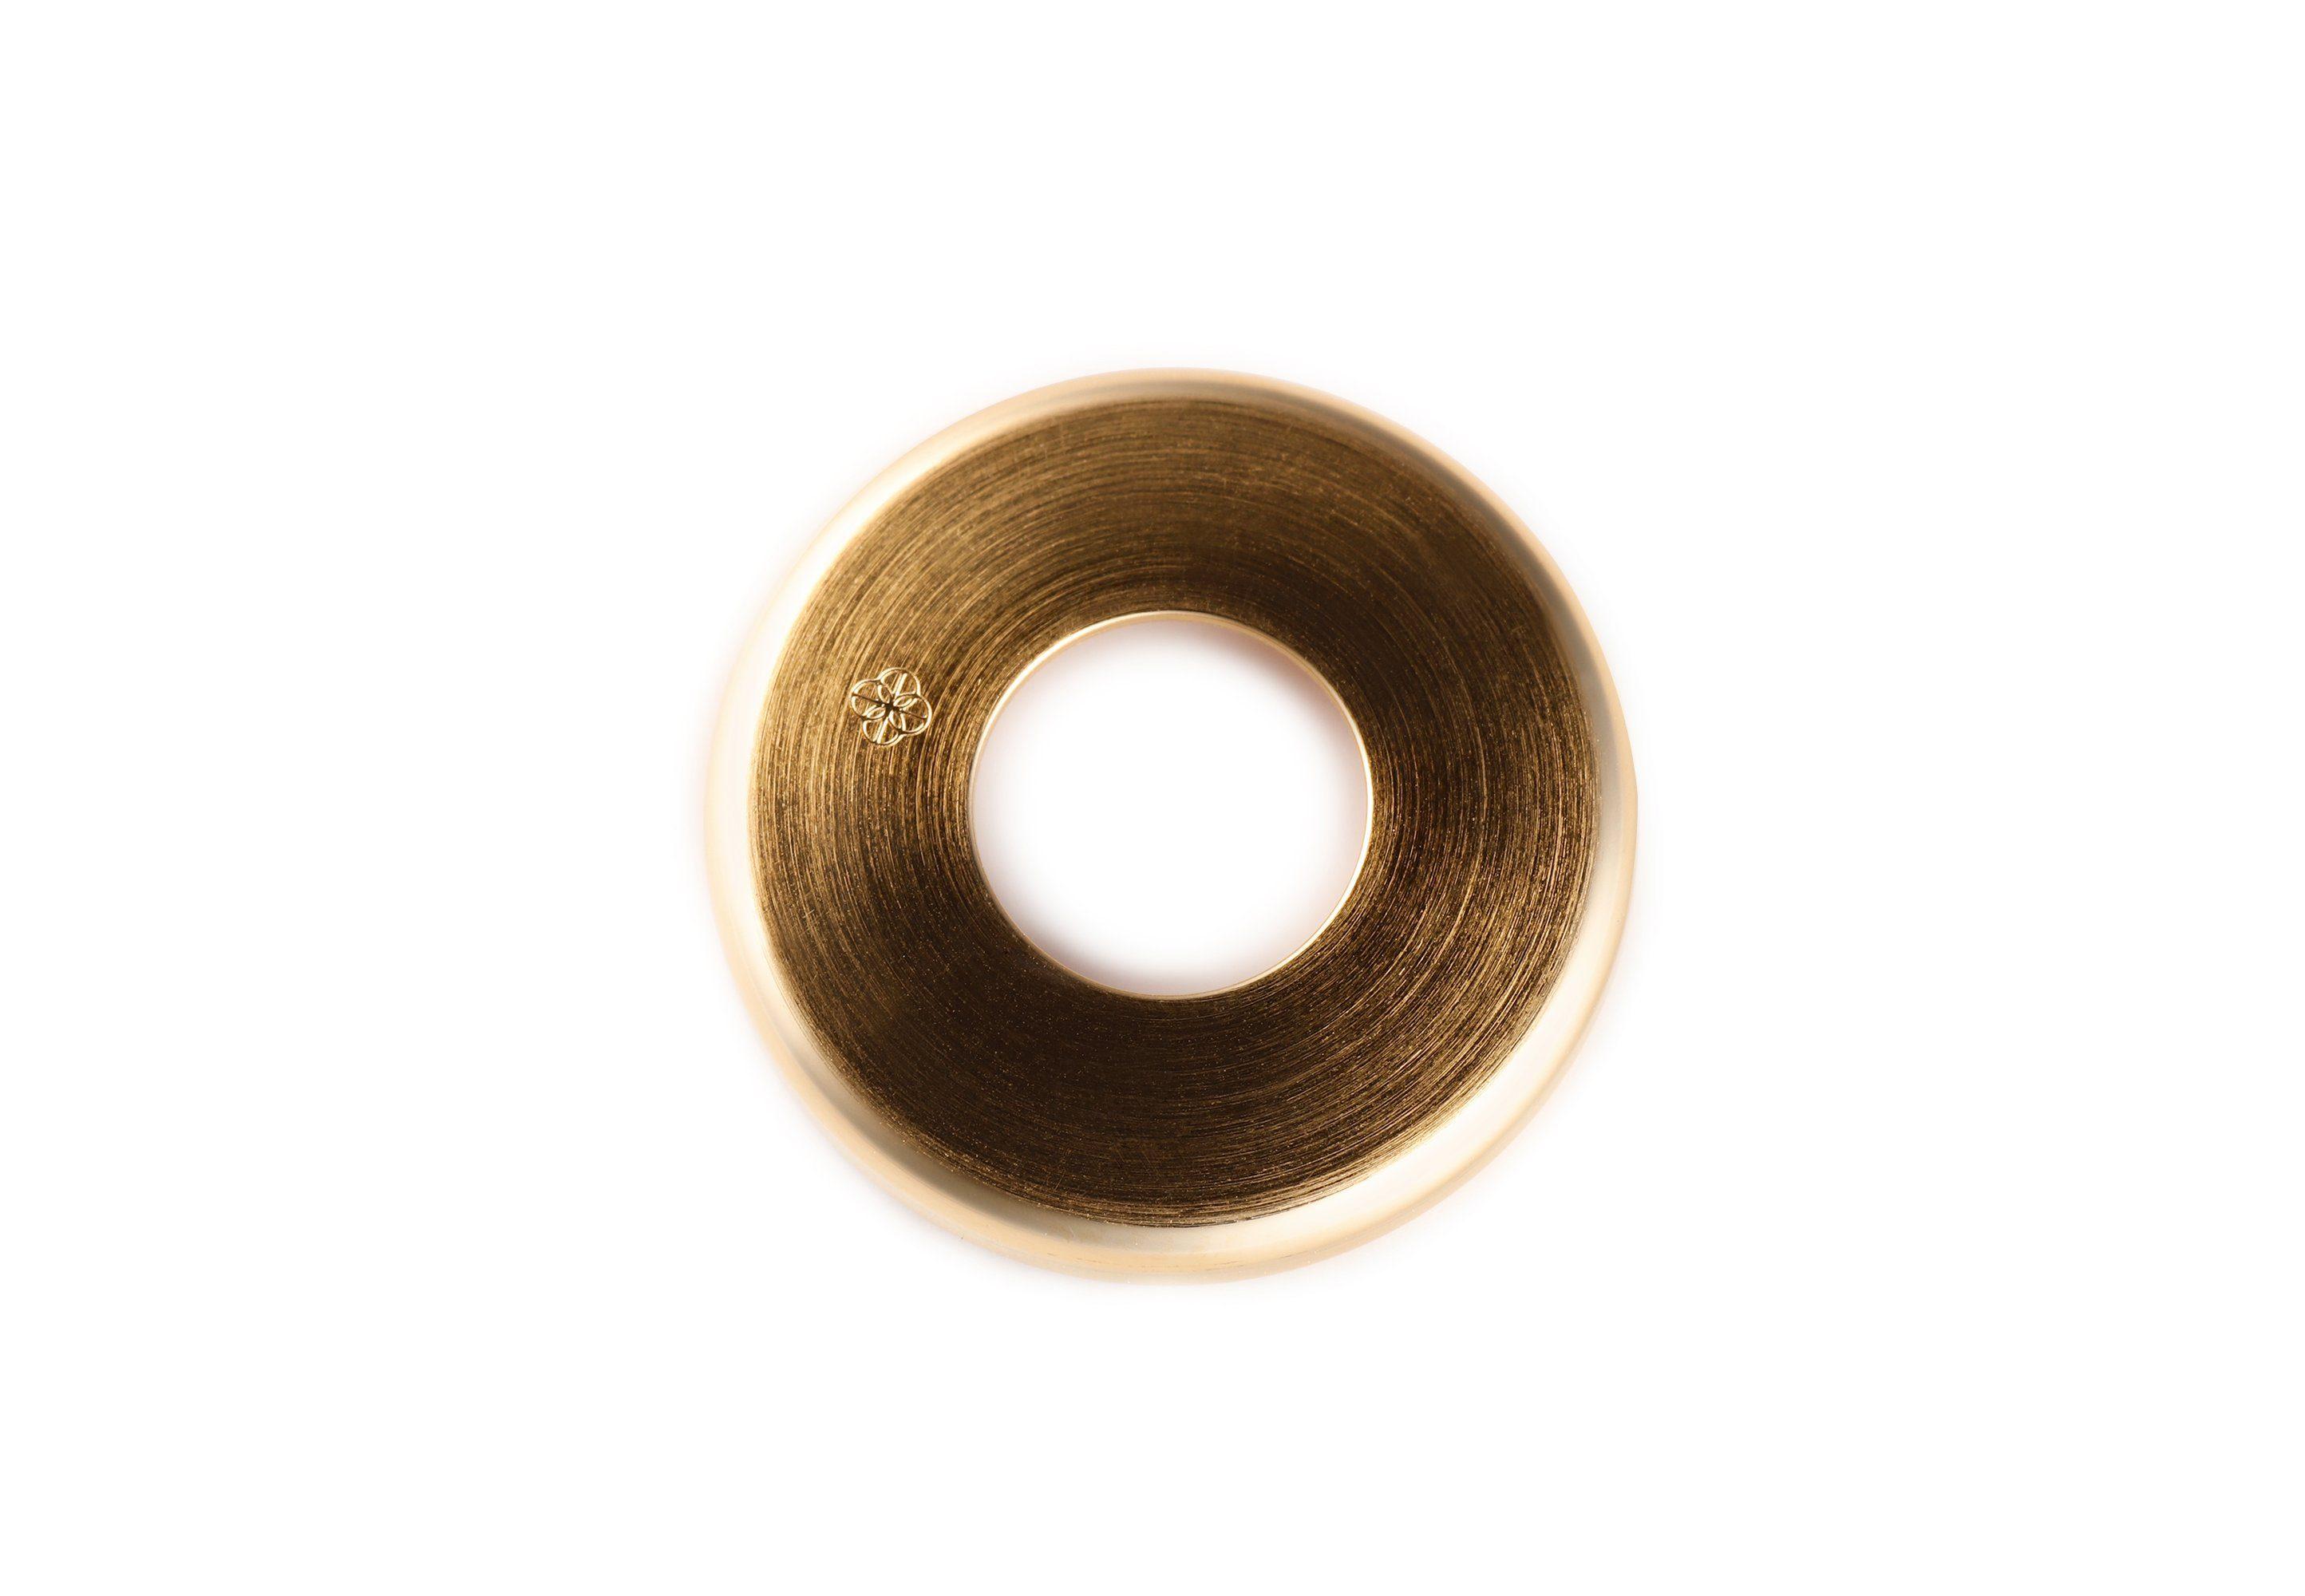 EHINGER SCHWARZ 1876 Runde Scheibe für das Ringsystem Charlotte